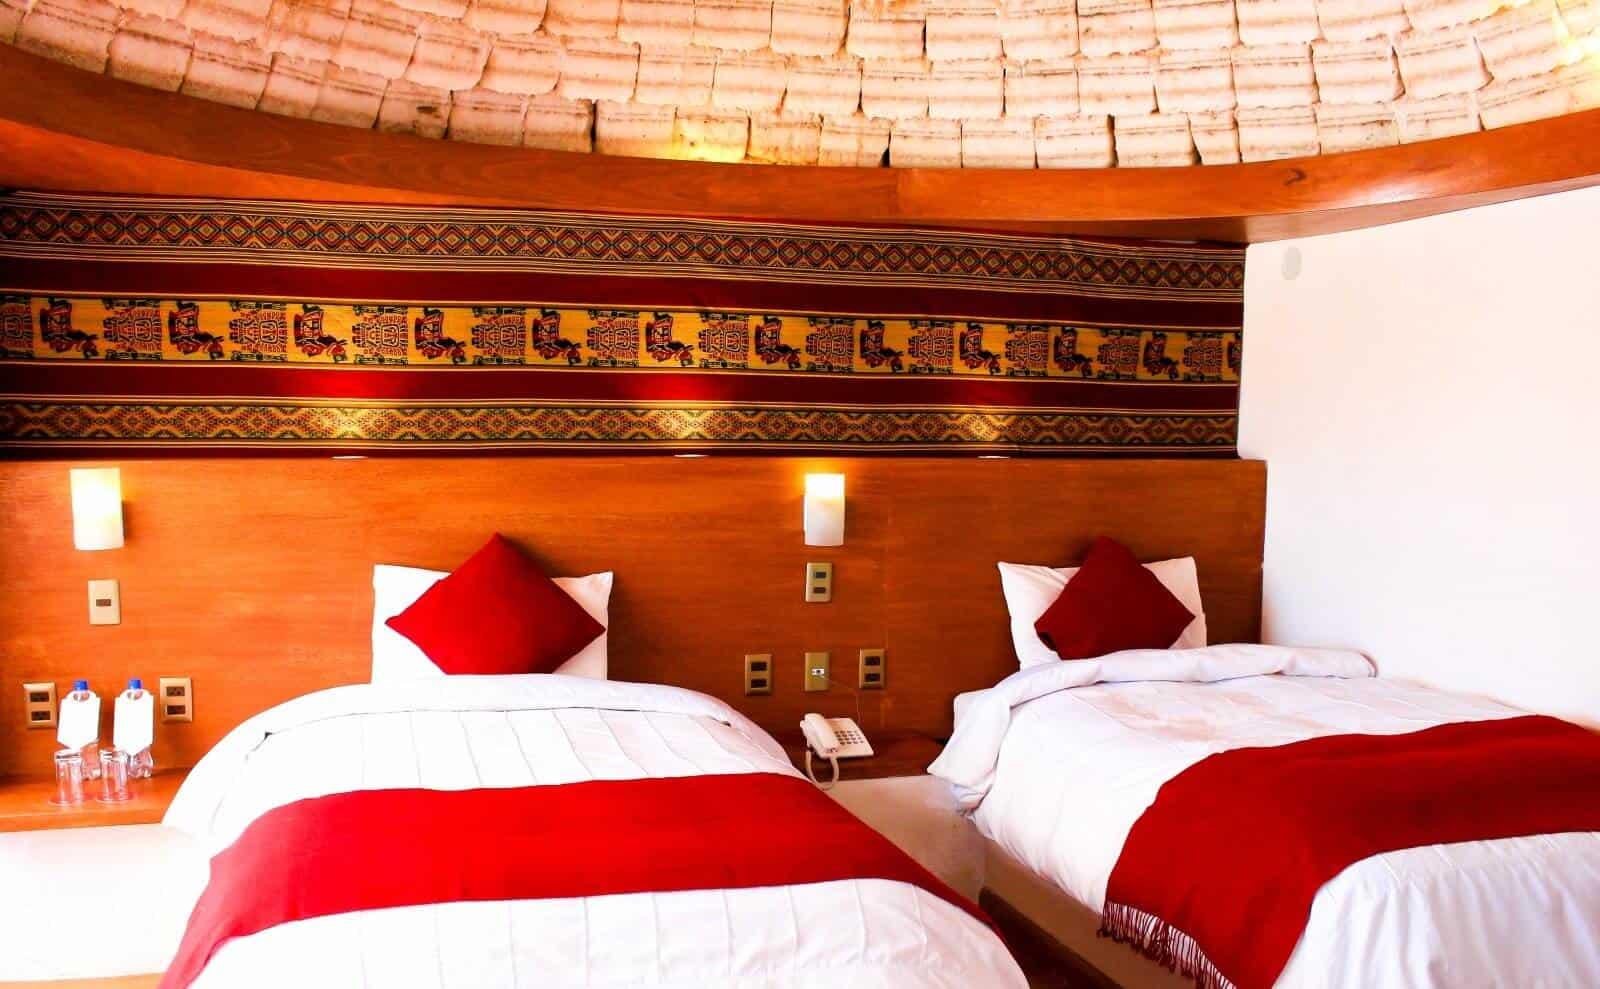 bolivien_hotel-palacio-del-sal-zimmer3